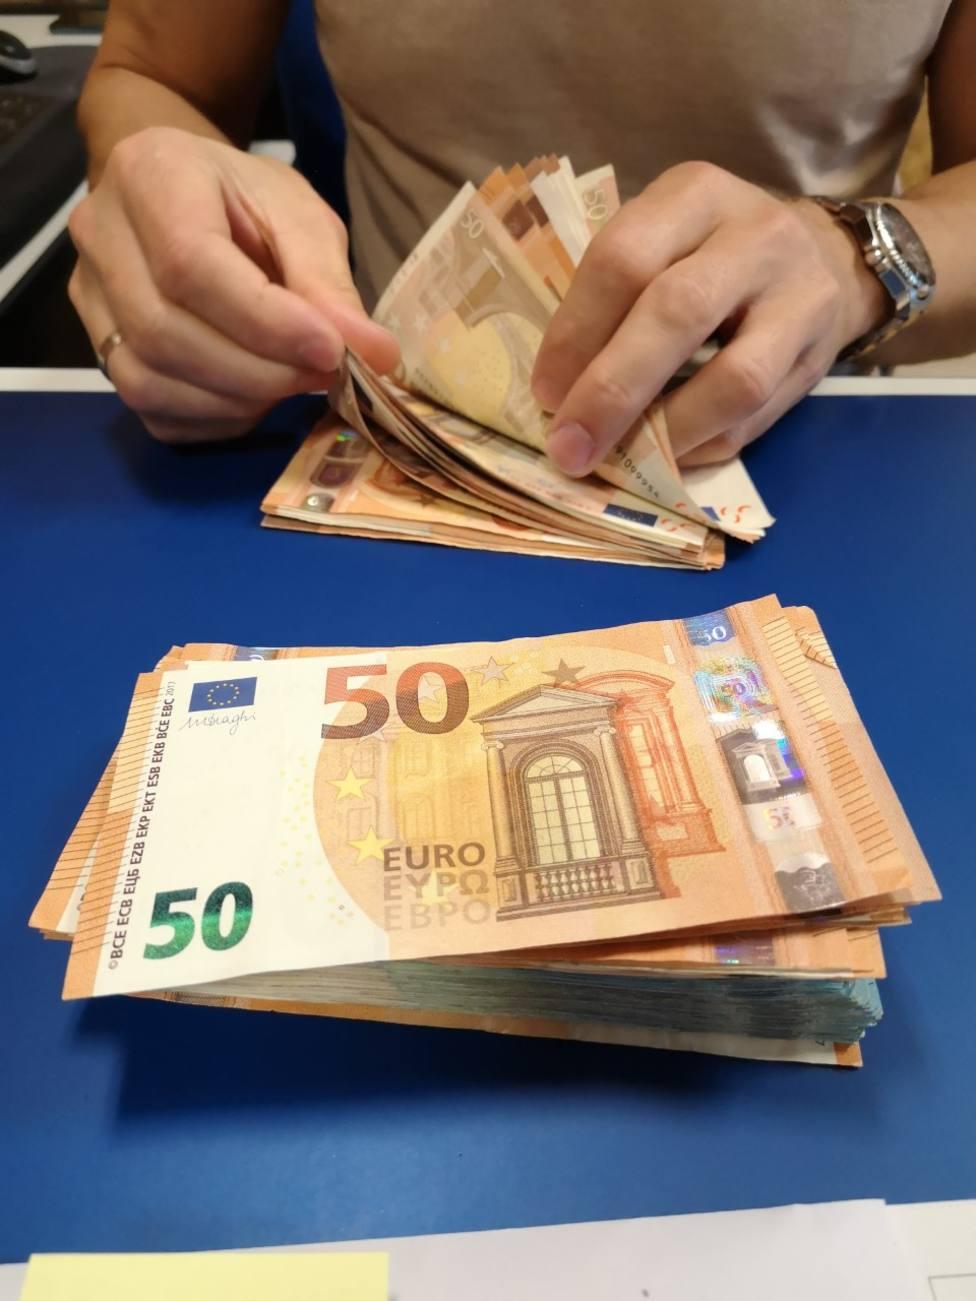 Lugo debe casi 10 millones por unas 5.000 facturas impagadas a pesar de tener 51 en caja